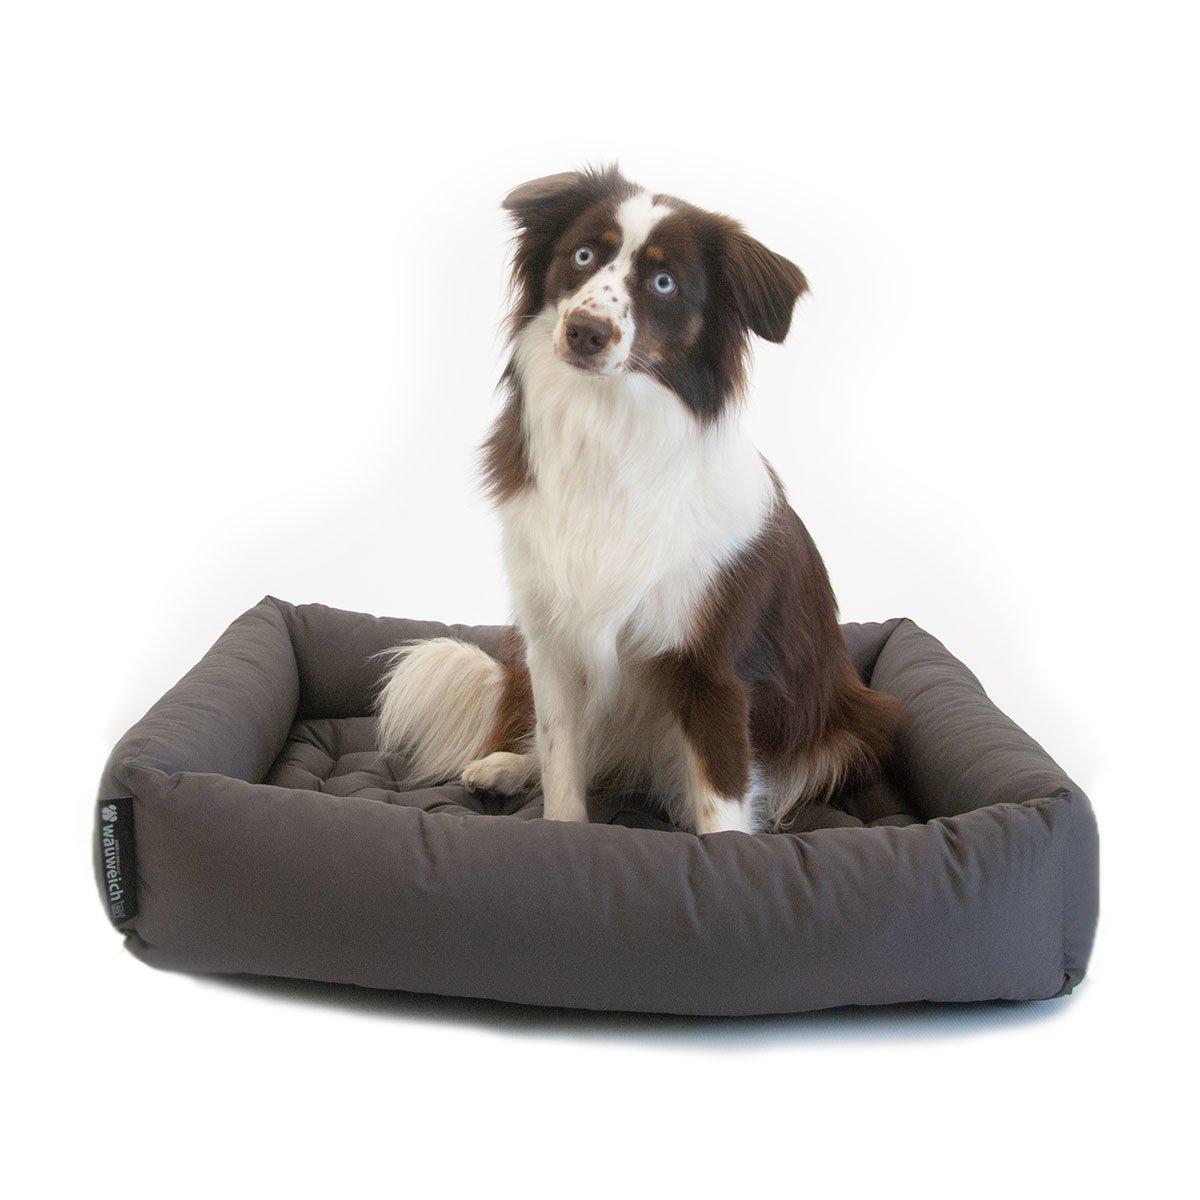 wauweich 95 Grad Hundebett mit Einlegekissen, Bild 2